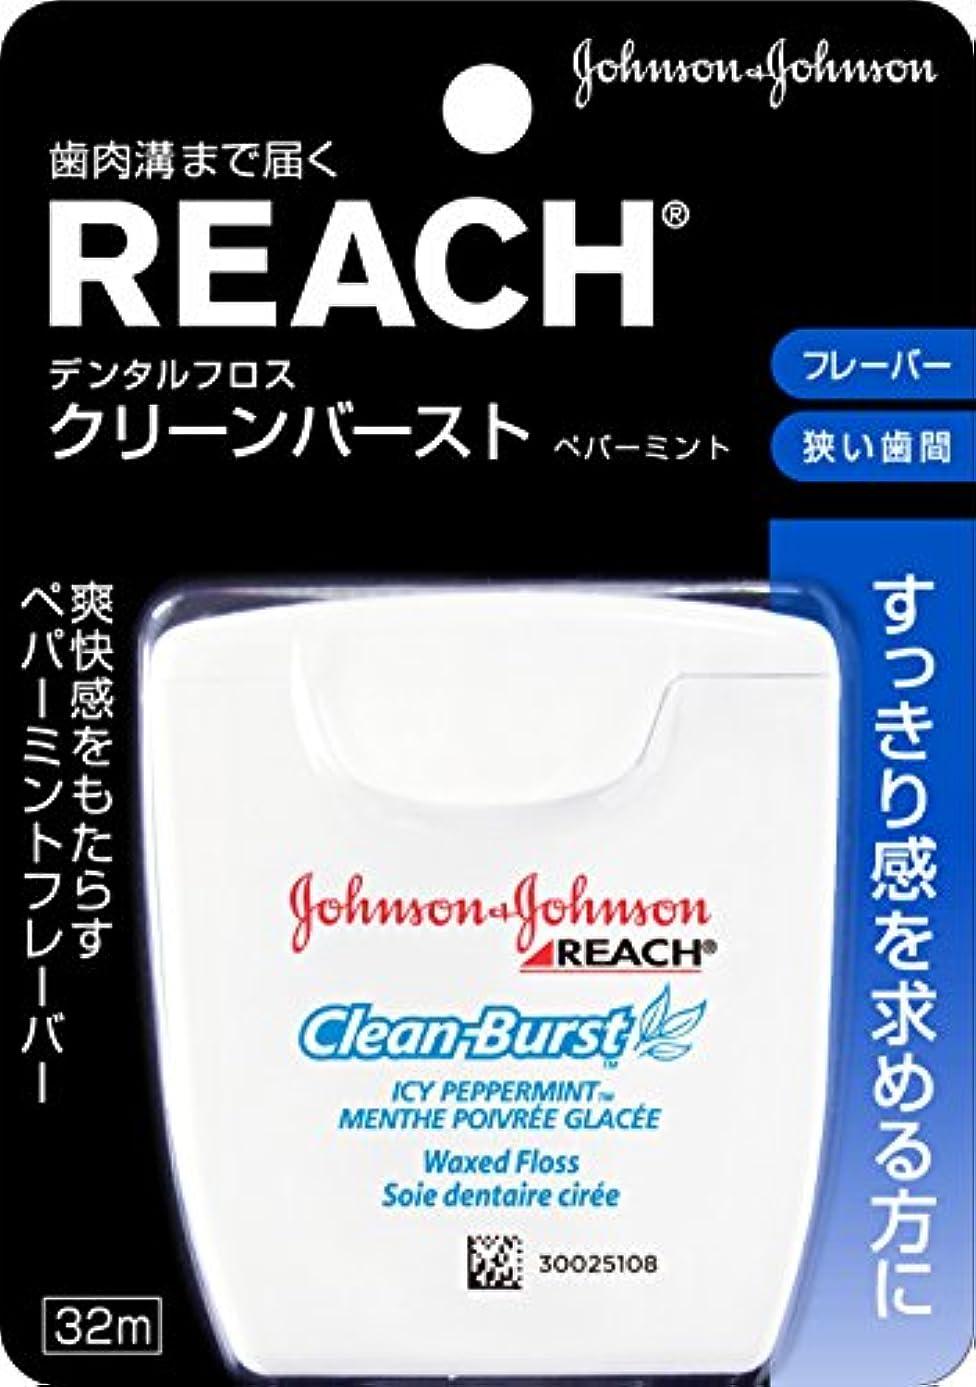 あなたが良くなりますバランスのとれたギネスREACH(リーチ) デンタルフロス クリ-ンバ-スト ペパーミント 32m